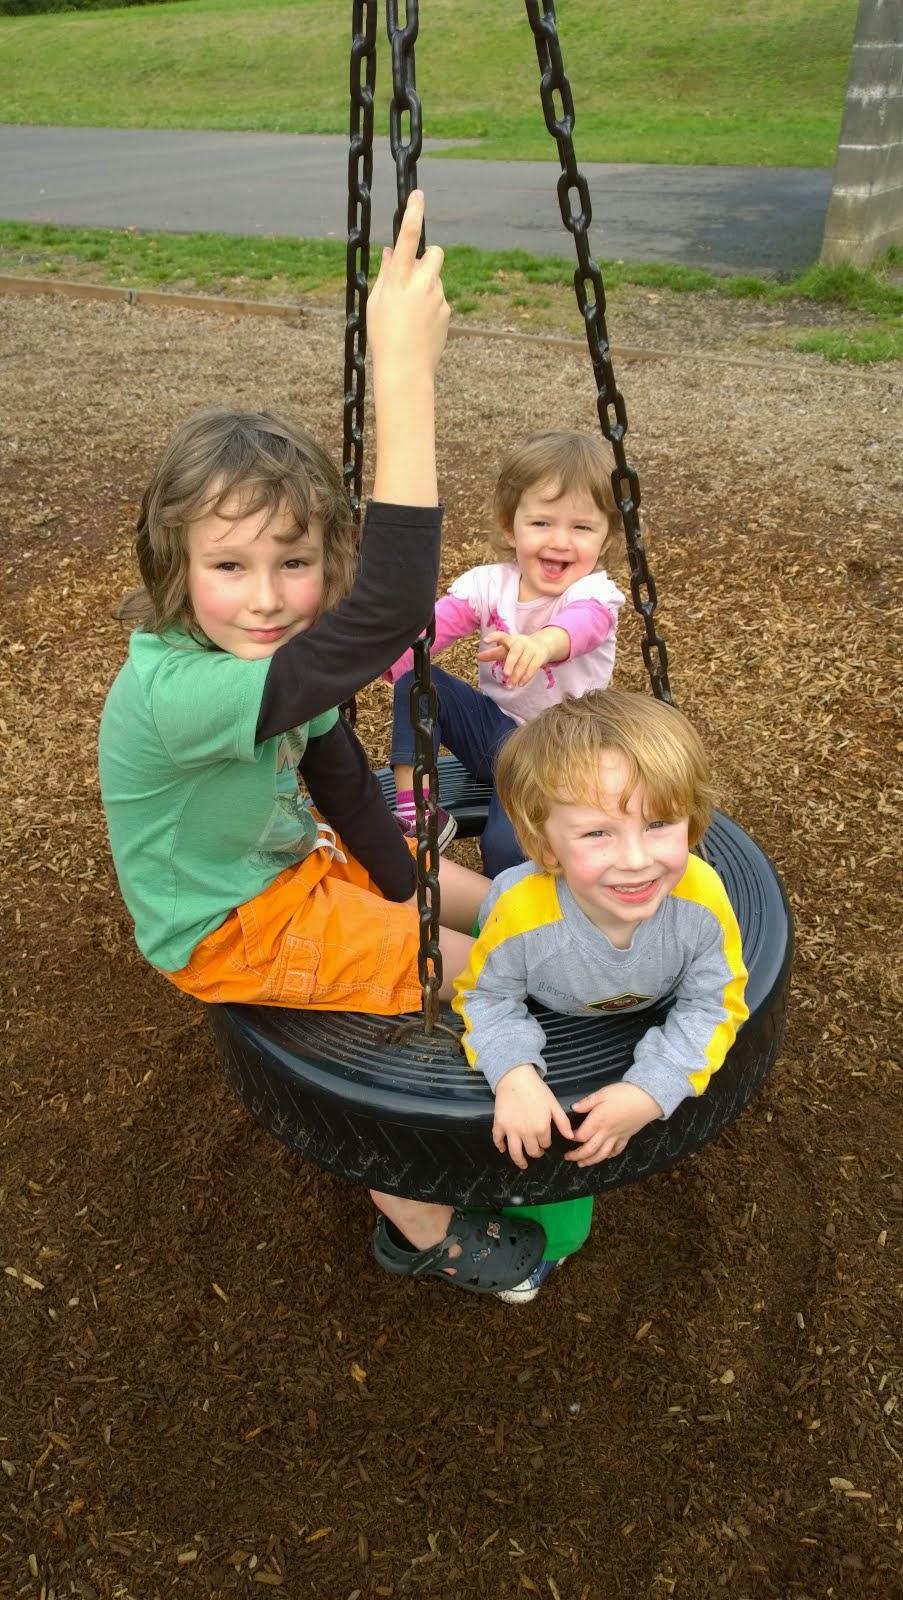 The 3 Kiddos